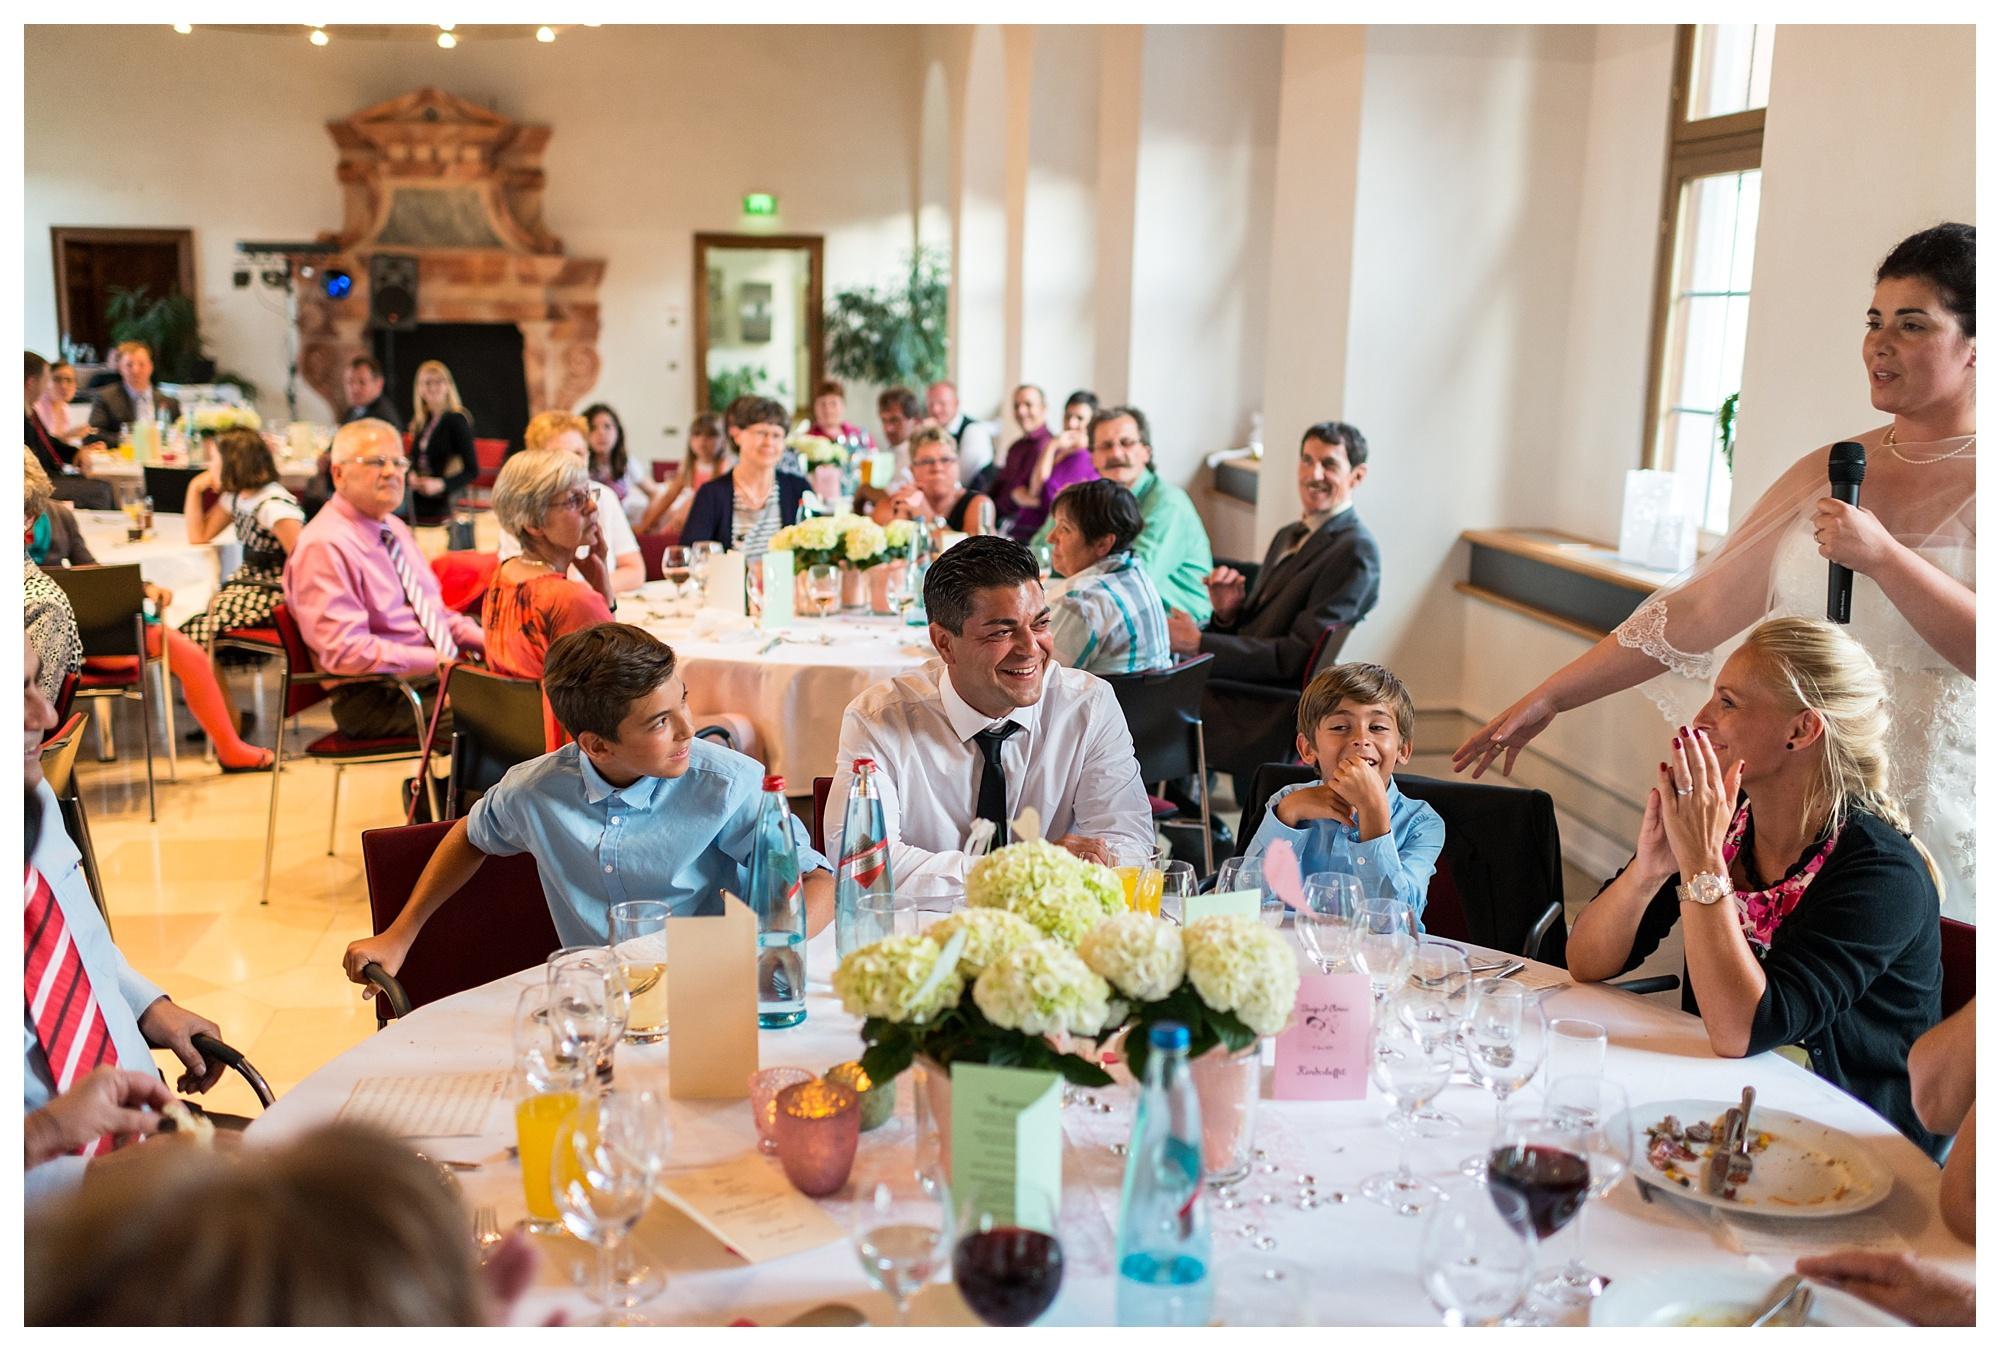 Fotograf Konstanz - Hochzeit Tanja Elmar Elmar Feuerbacher Photography Konstanz Messkirch Highlights 097 - Hochzeitsreportage von Tanja und Elmar im Schloss Meßkirch  - 197 -